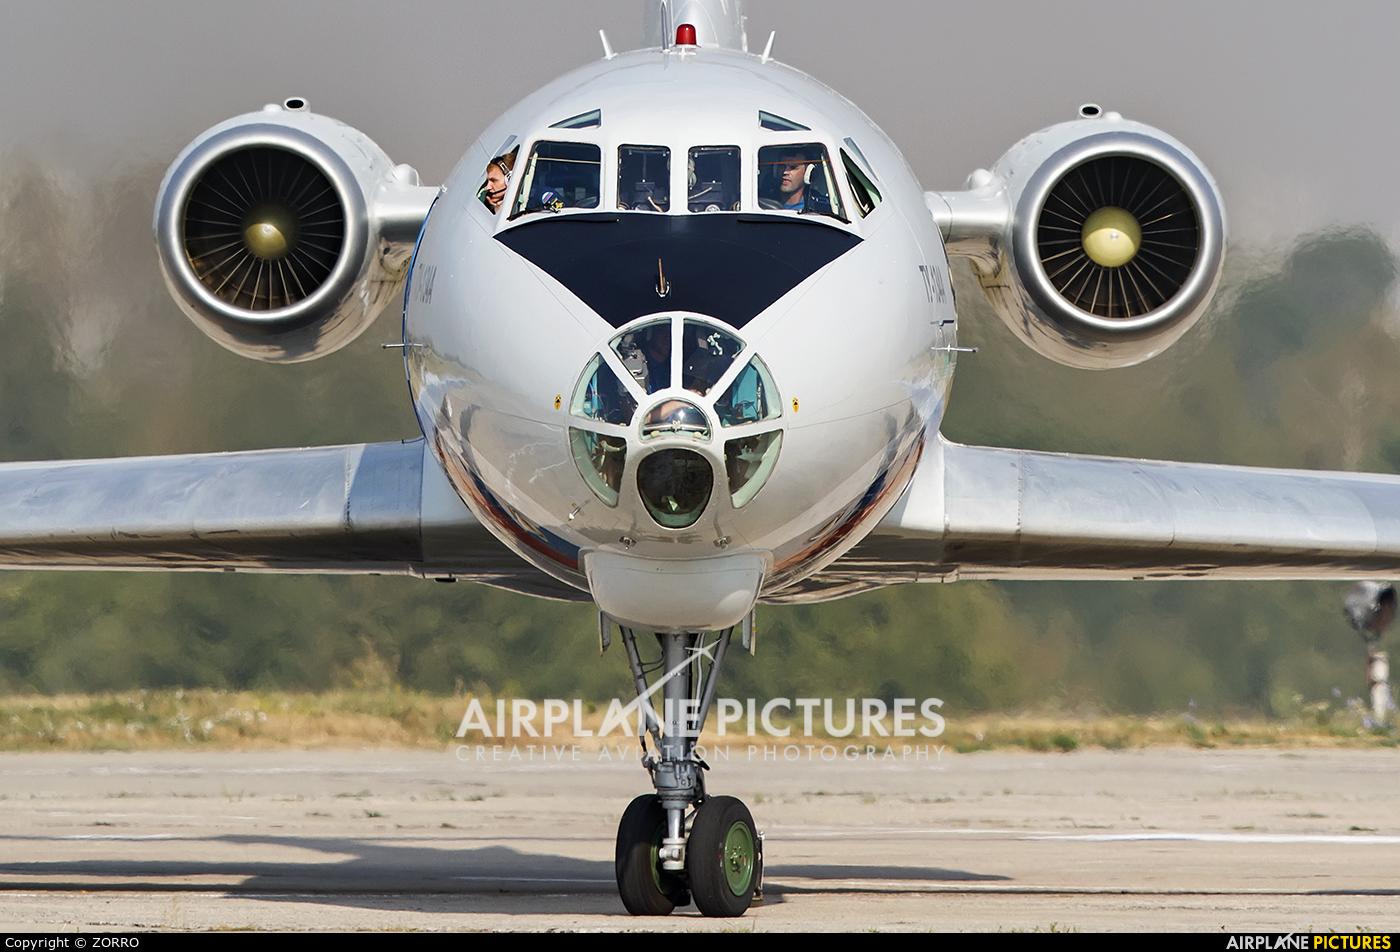 Russia - Air Force RA-65989 aircraft at Lipetsk